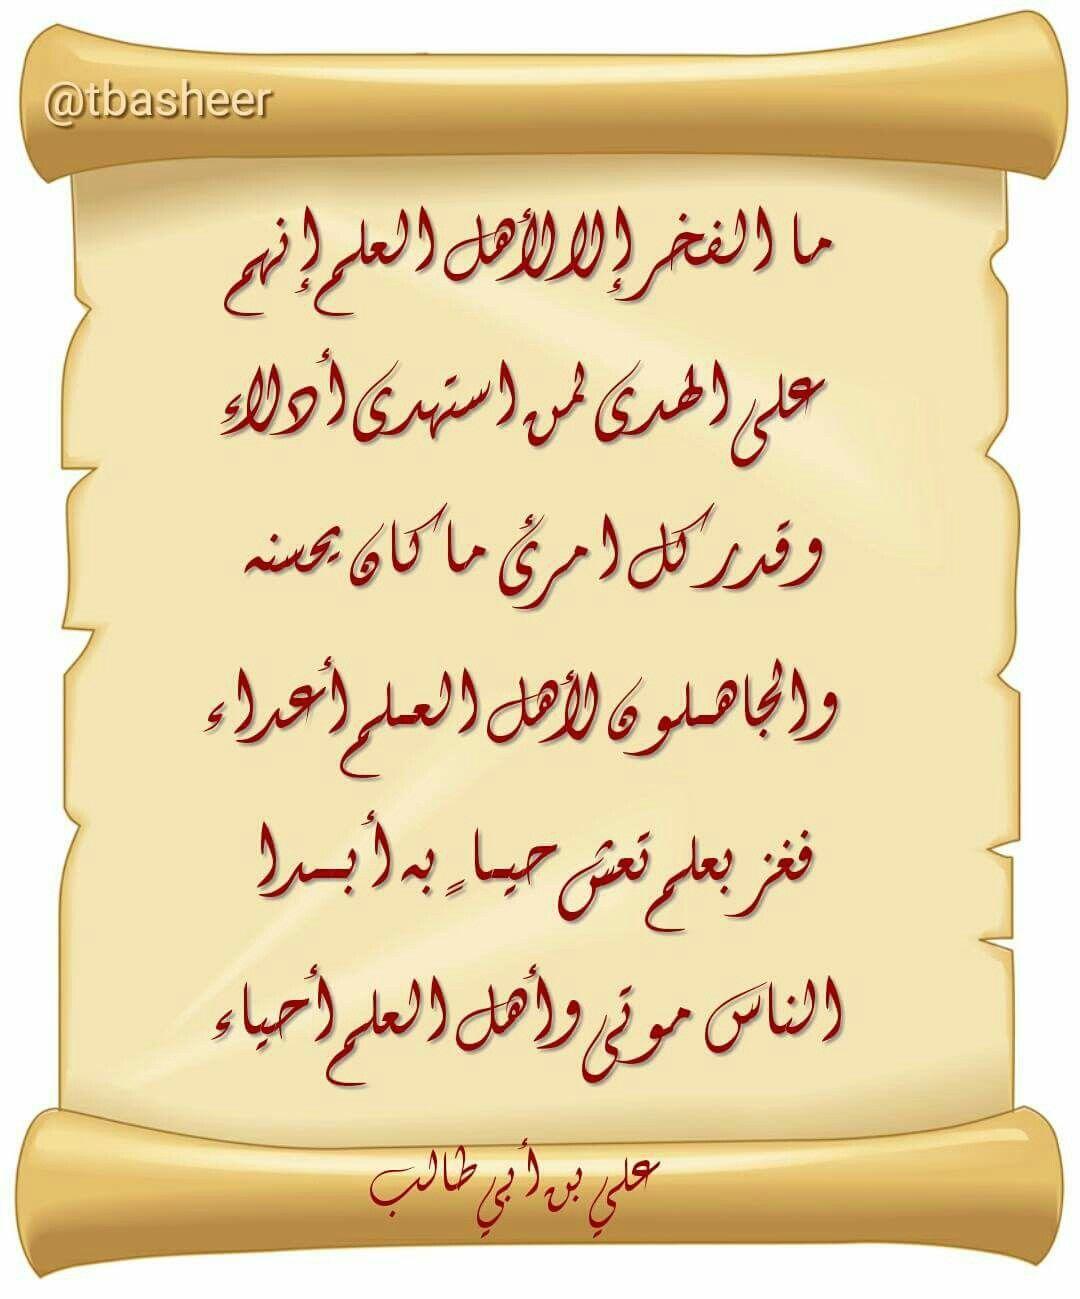 ما الفخــــر إلا لأهل العلم إنهم على الهدى لمن استهدى أدلاء وقدر كل امرئ ما كان يحسنه والجاهـلون لأهل العـلم أع Islamic Phrases Ali Quotes Imam Ali Quotes